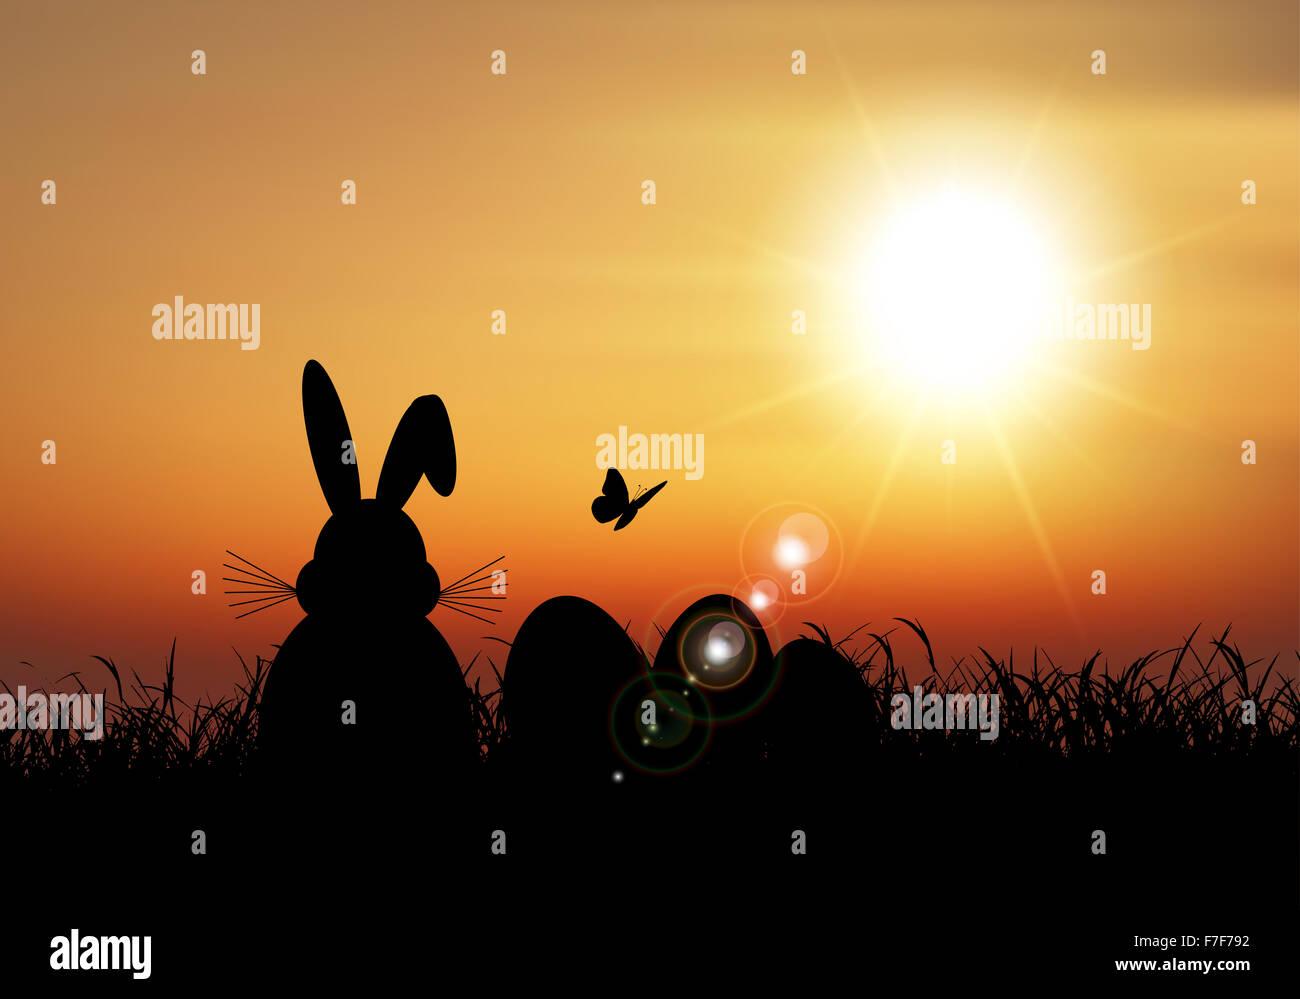 Silhouette des Osterhasen saßen auf der Wiese vor einem Sonnenuntergang Himmel Stockbild